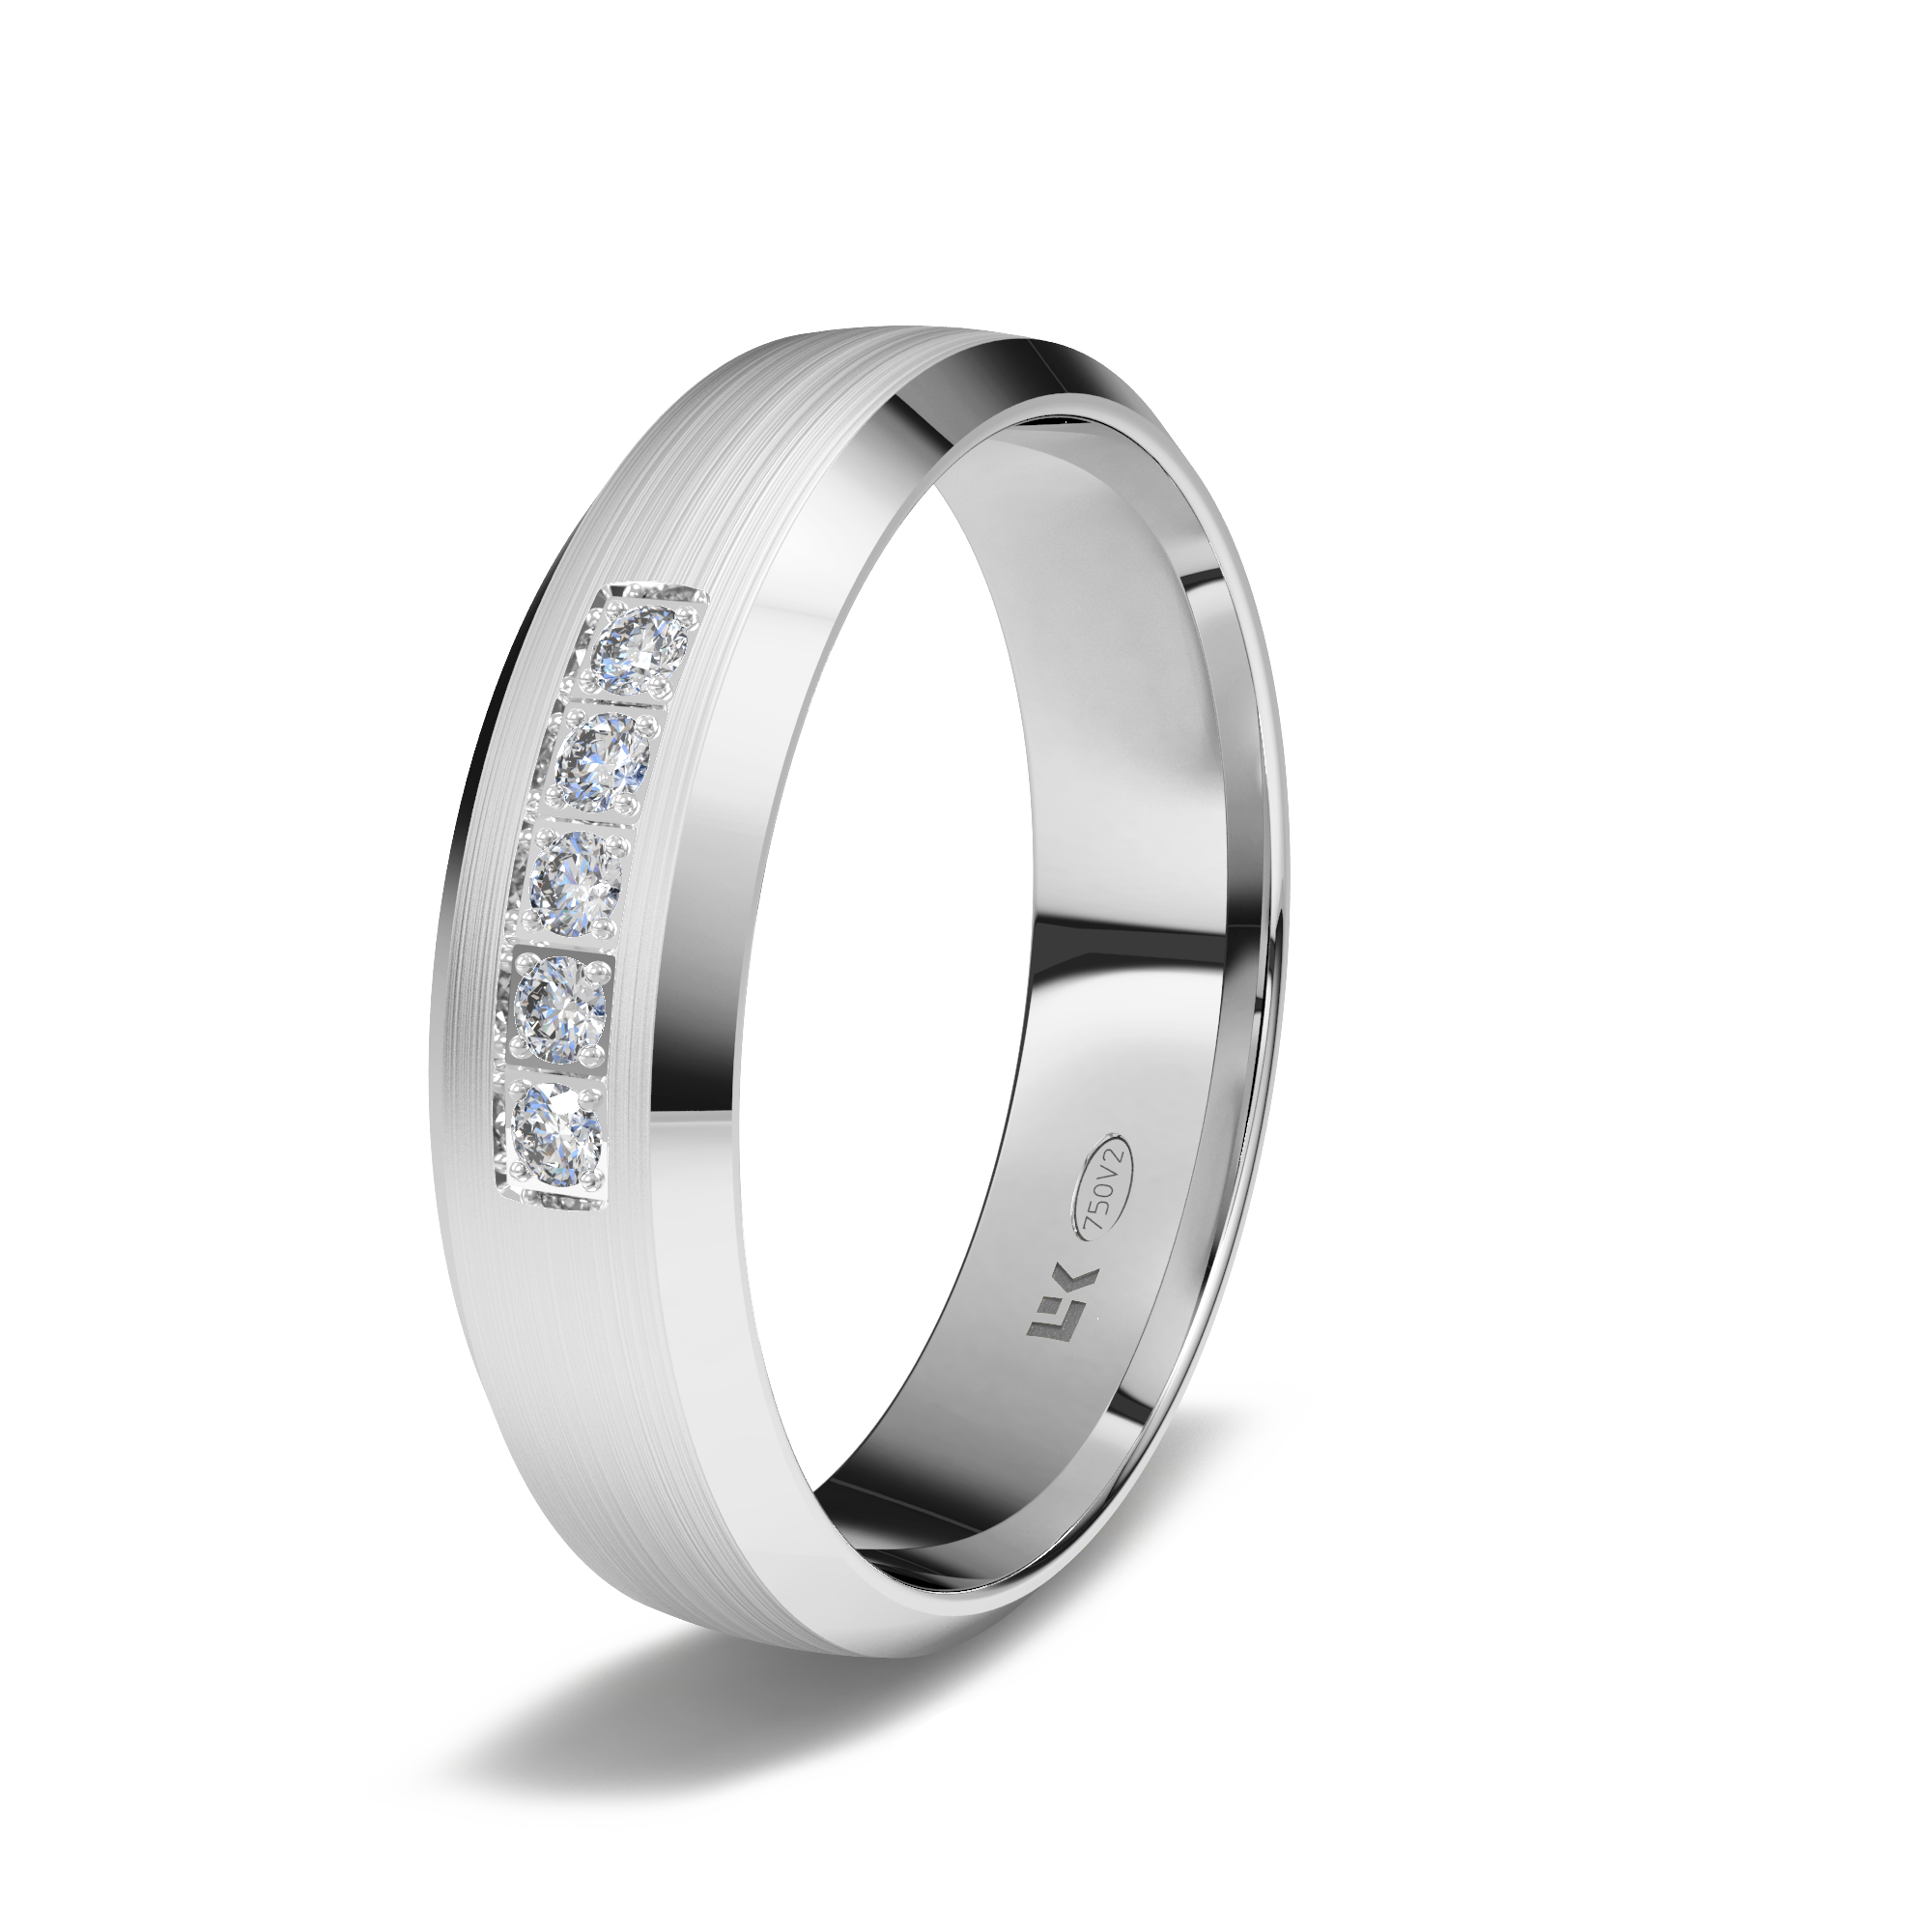 Alianza De Oro Blanco De 18k 5mm Diamantado 5 Brillantes Hvs 0 075ct Ele Ka España Oro Blanco Alianzas De Oro Blanco Oro